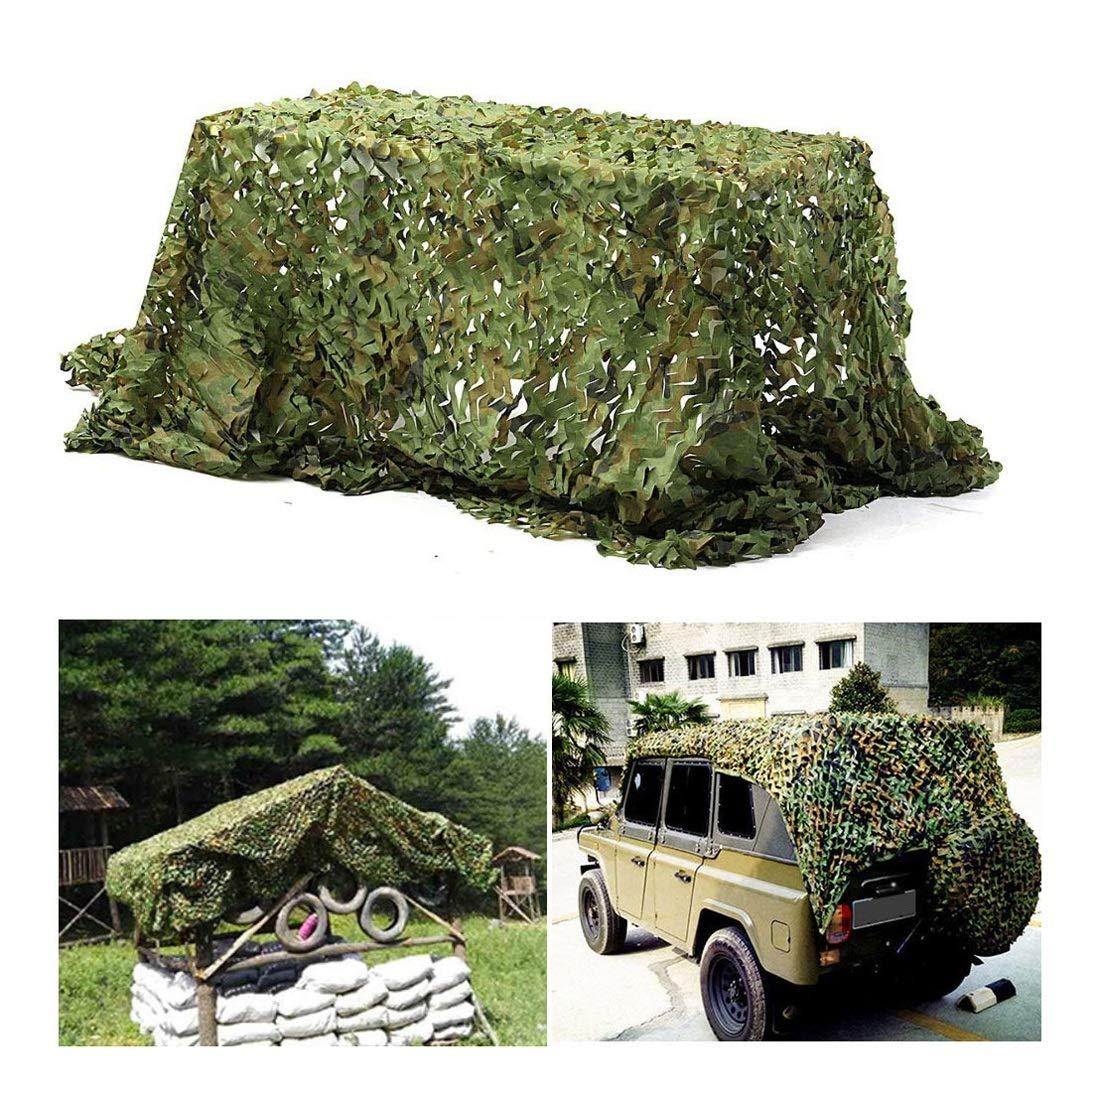 Woodland Filet de Camouflage 2x3m 3x5m, Filet de Camouflage Ajouté Filet de Renforcement Filet de Prougeection Contre Le Soleil, pour Cacher Tente Pêche Décoration Jardin Voiture, Différentes Tailles  6x10M(19.4x32.8ft)